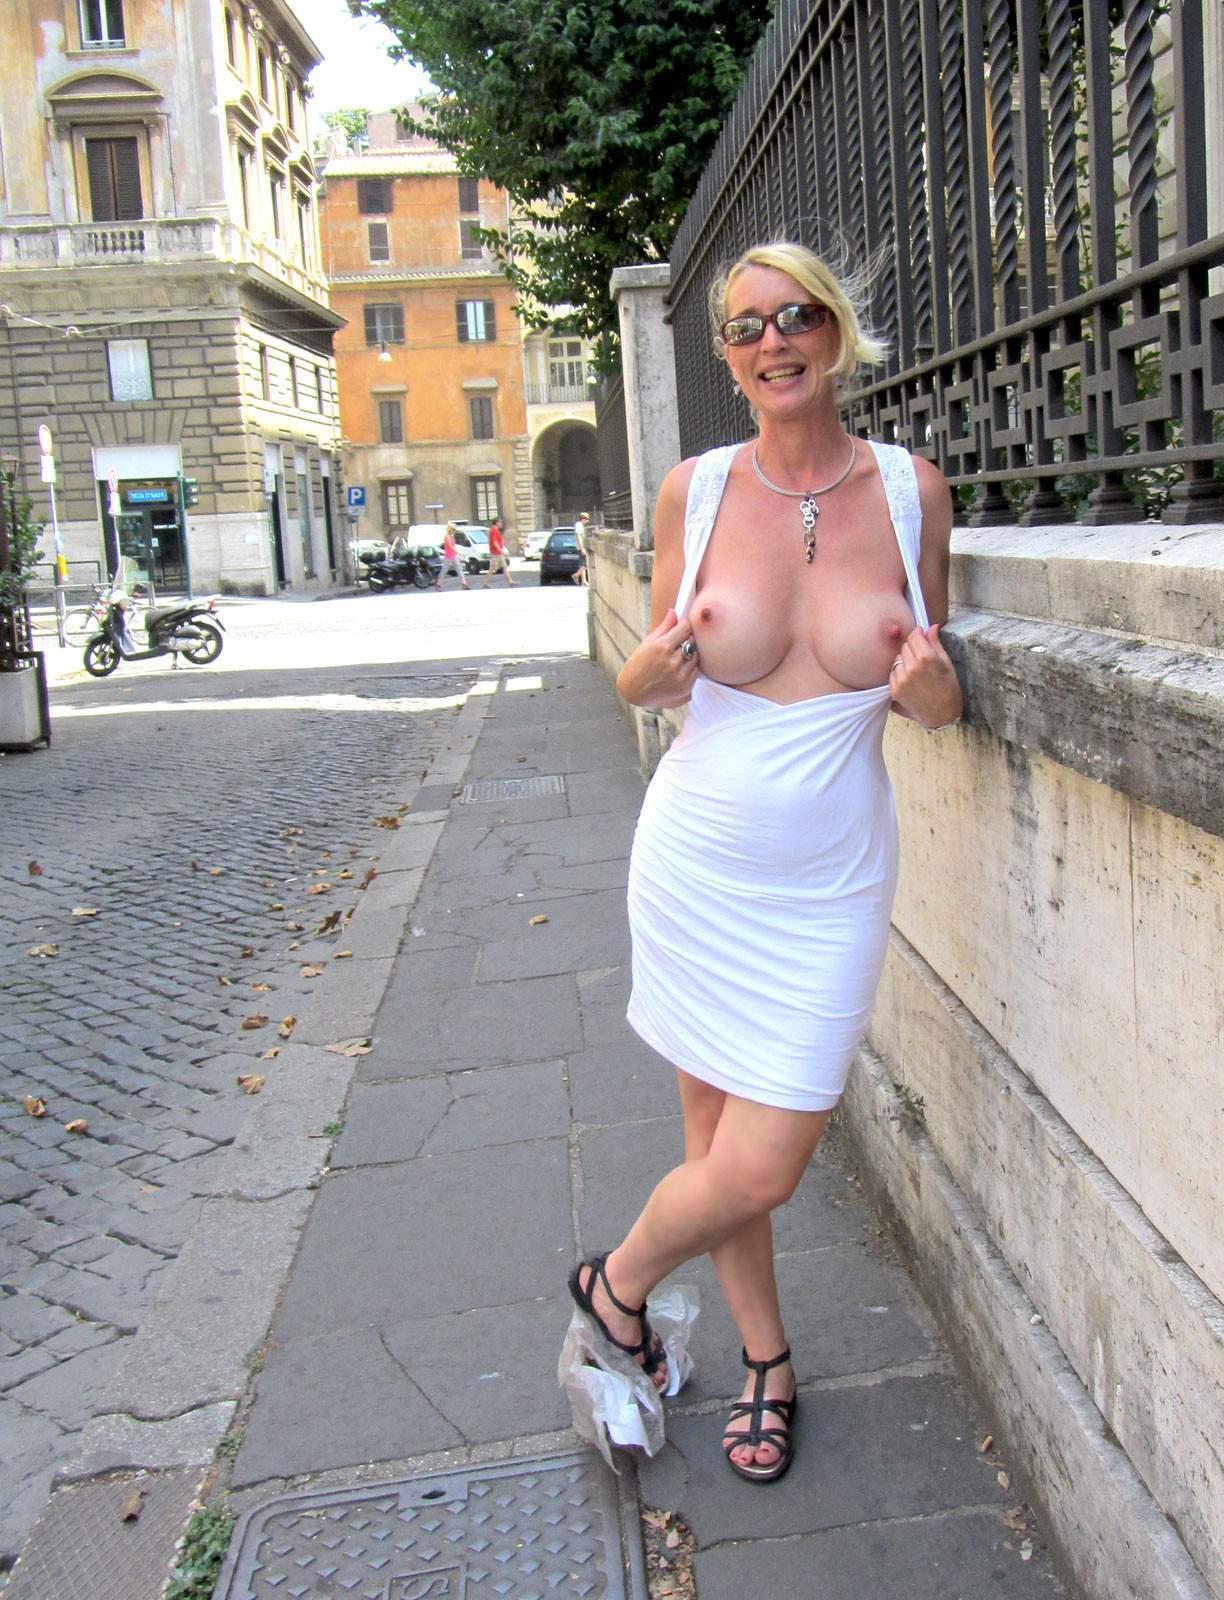 http://img24.rajce.idnes.cz/d2402/13/13133/13133717_9c6391c5702f90347cd7f2ea12218ba5/images/211.jpg